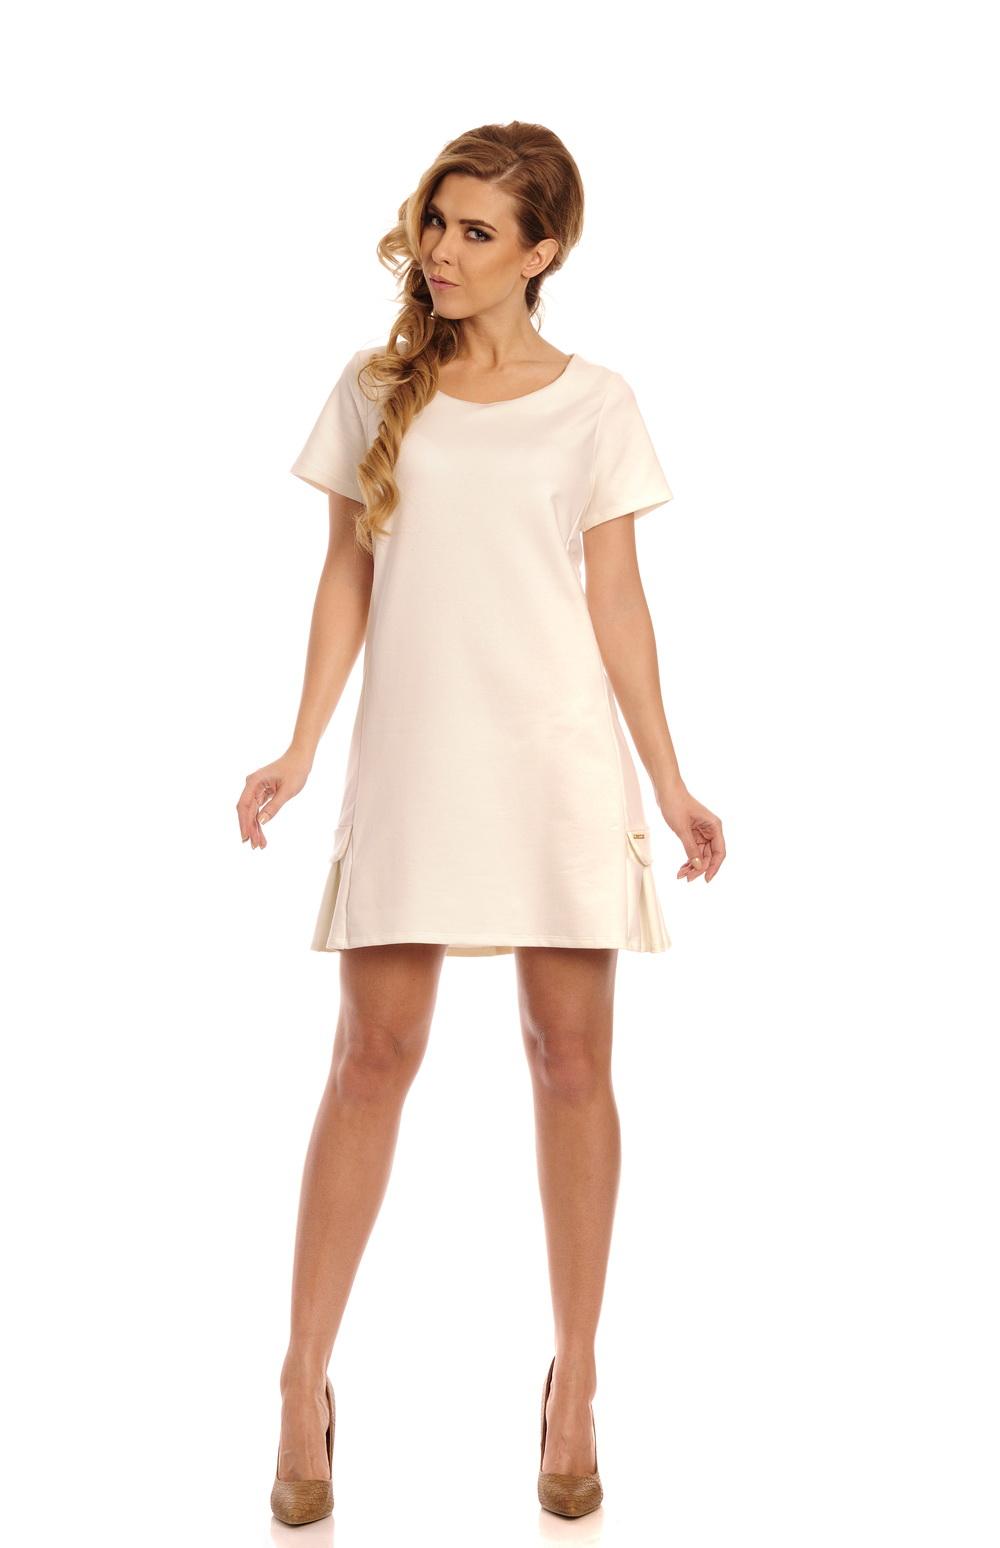 Bavlněné šaty se skladem, ecru, M